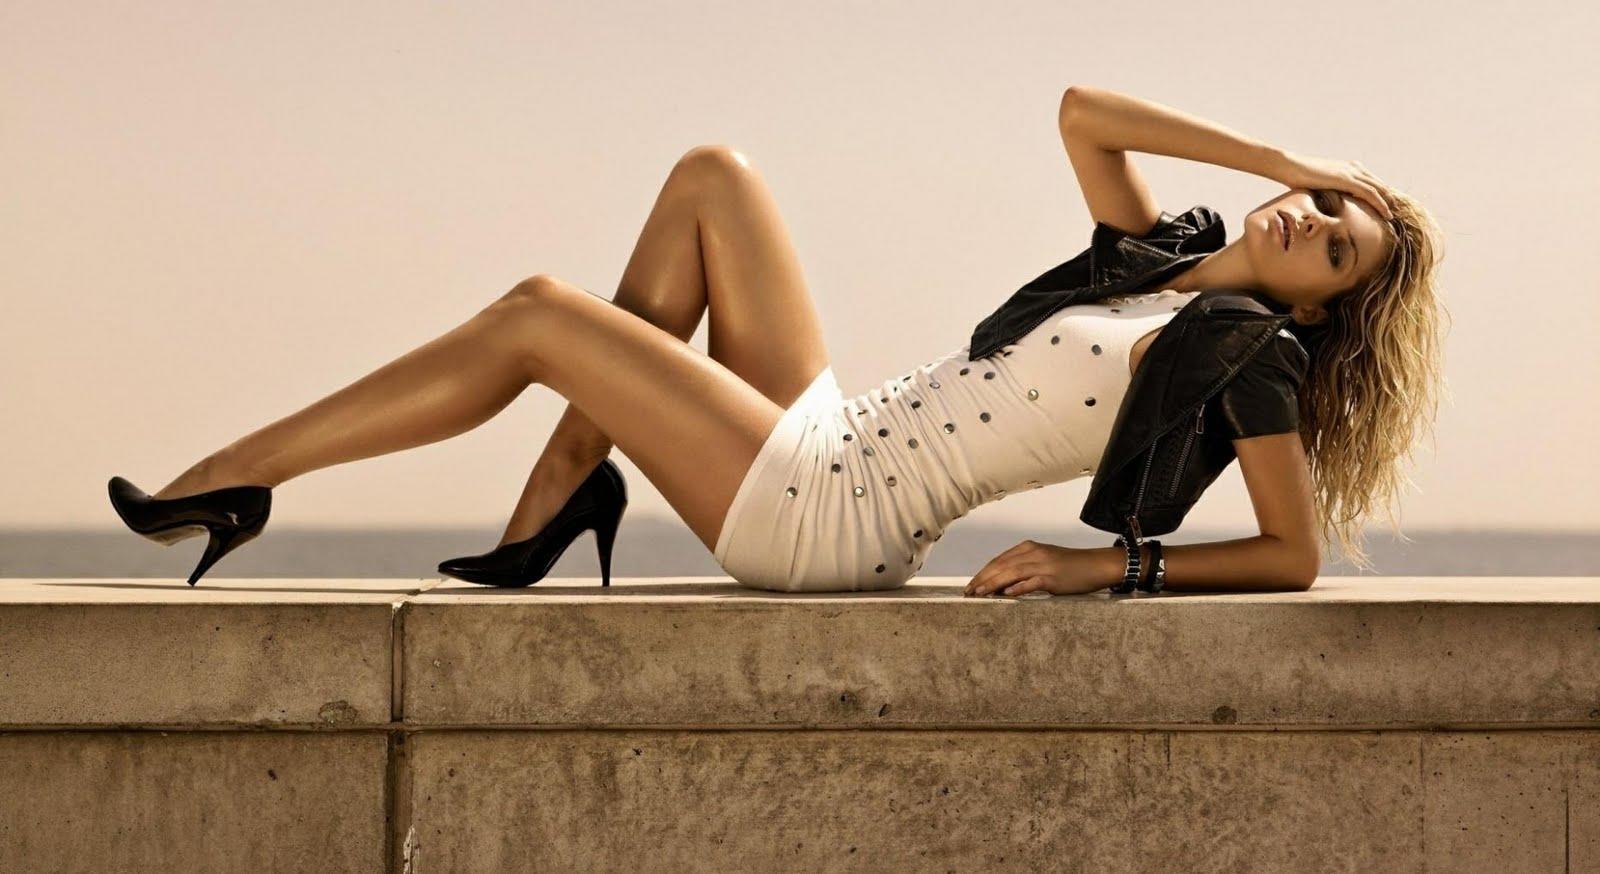 girl nice legs in dress 1080p hd wallpaper is a great wallpaper 1600x874